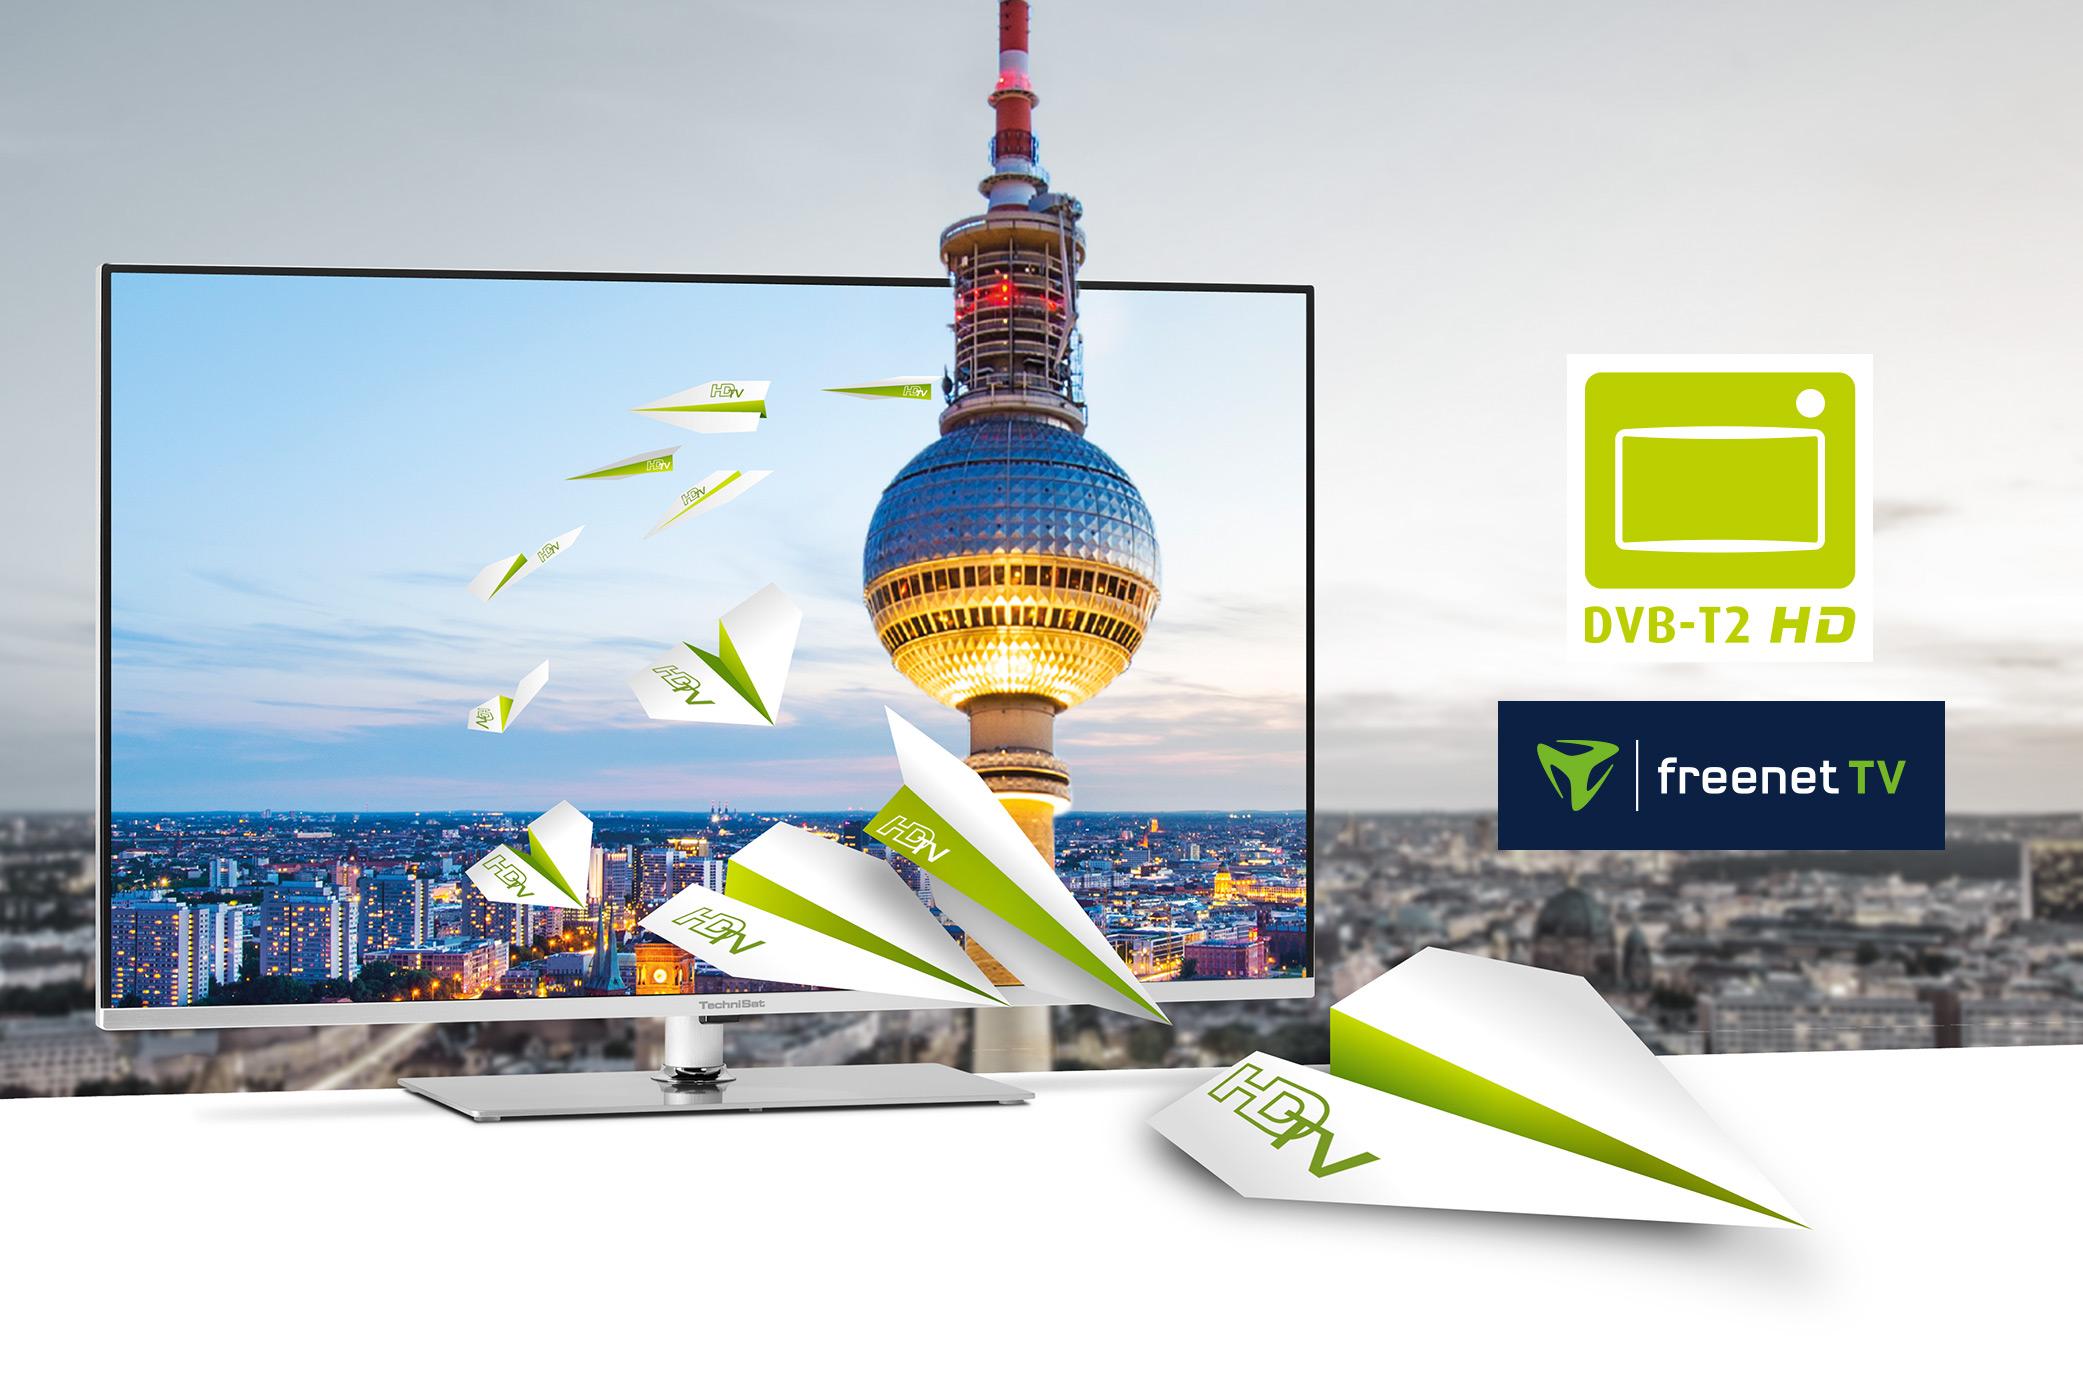 Mit HbbTV  & DVB-T2 HD  mehr Sender und Mediatheken empfangen